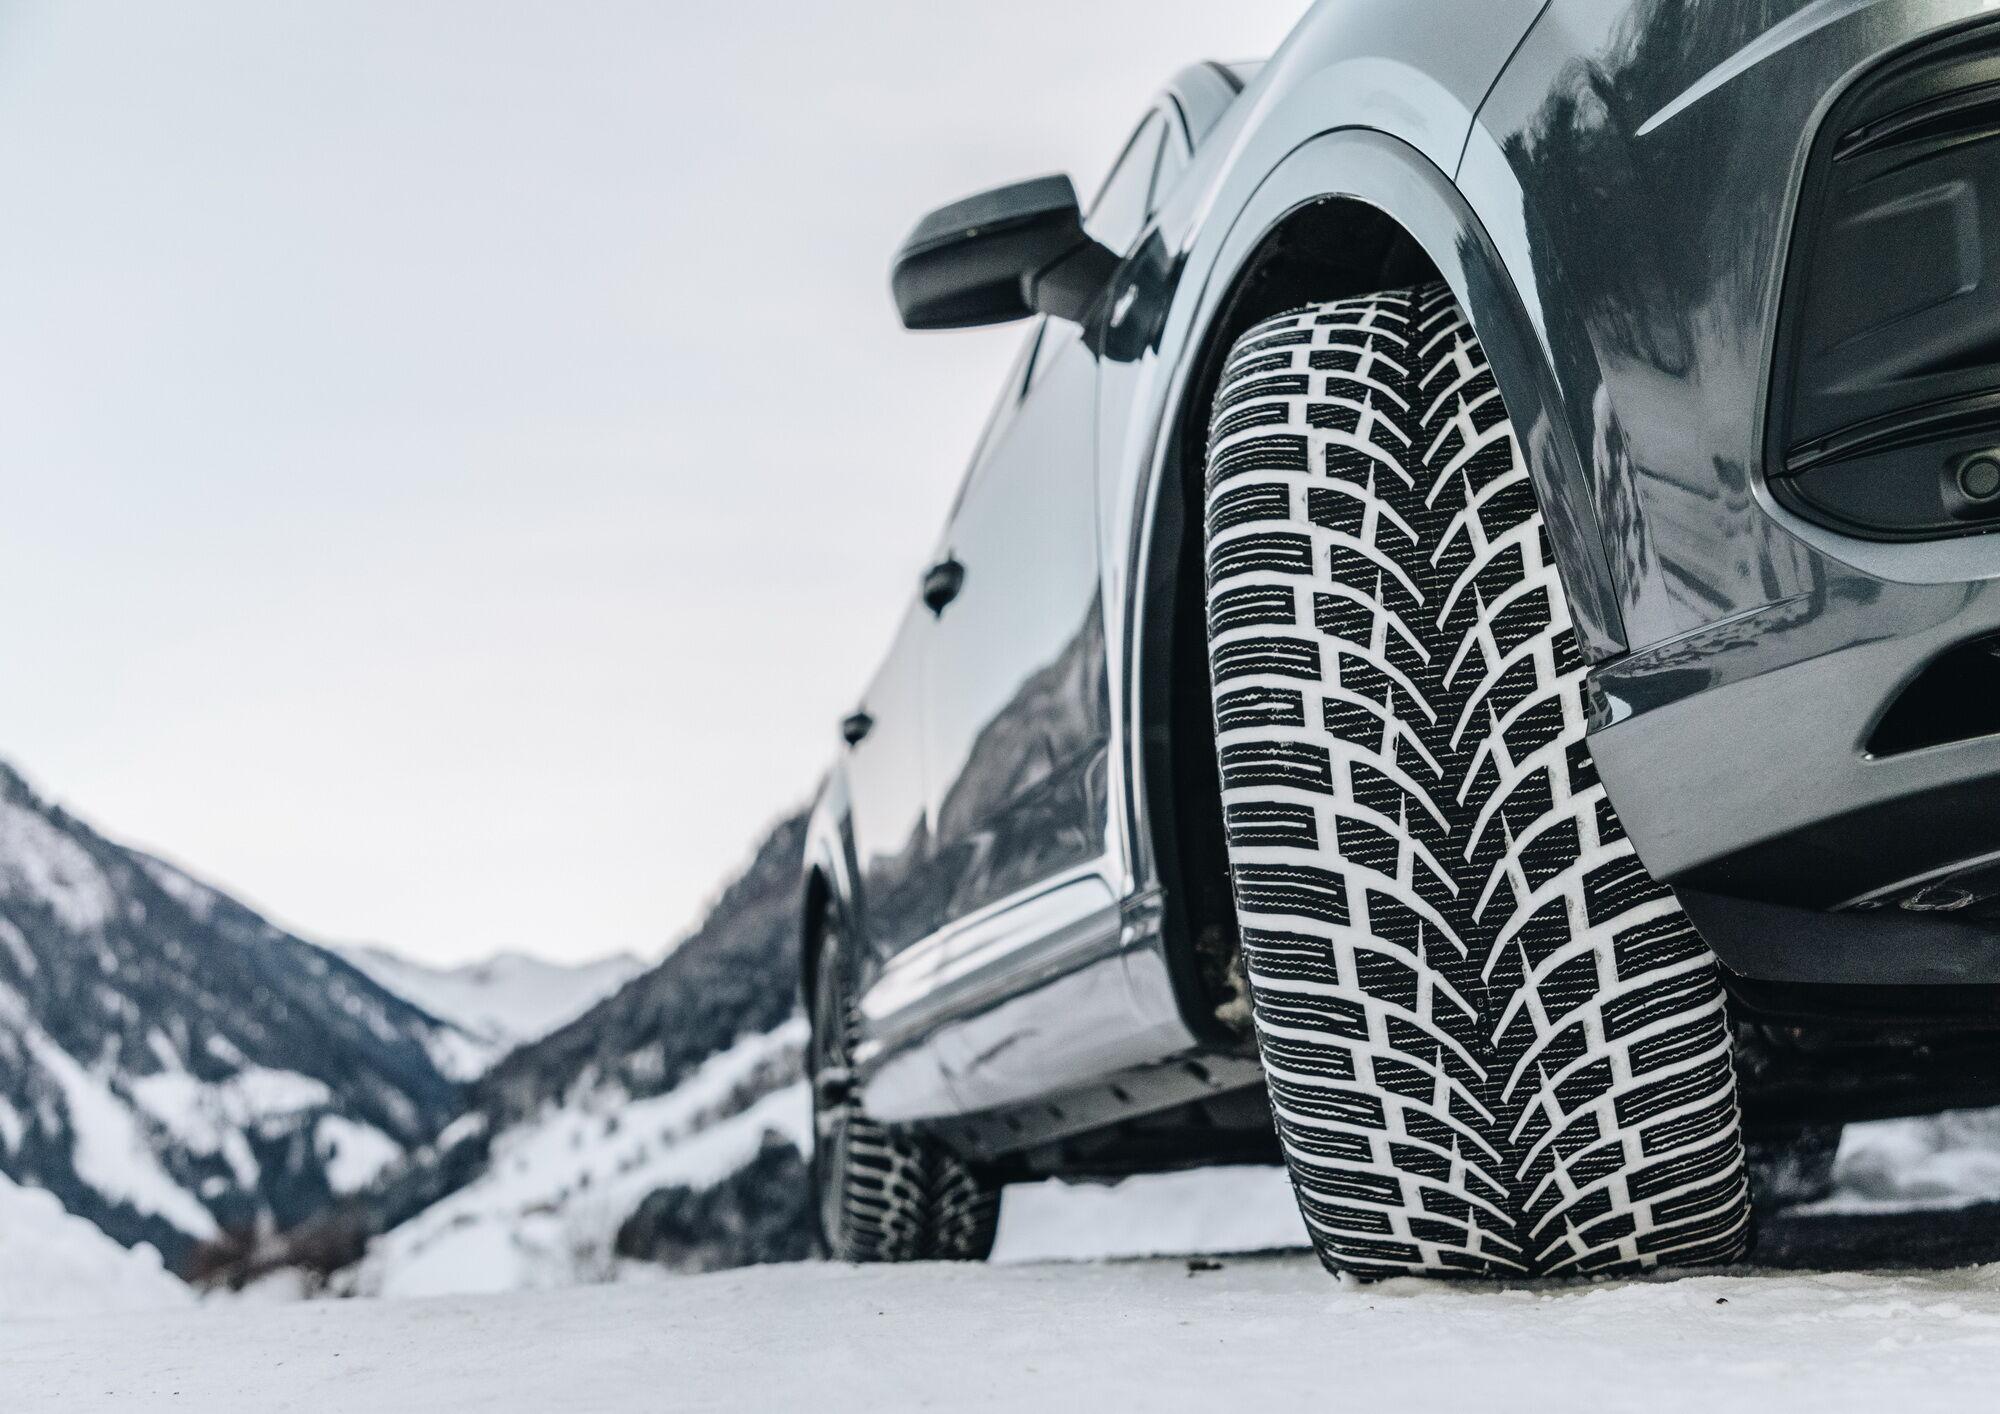 Для лучшего отводы воды и мокрого снега из пятна контакта протектор Nokian WR SUV 4 снабжен разветвленной сетью канавок и ламелей разных типов и форм